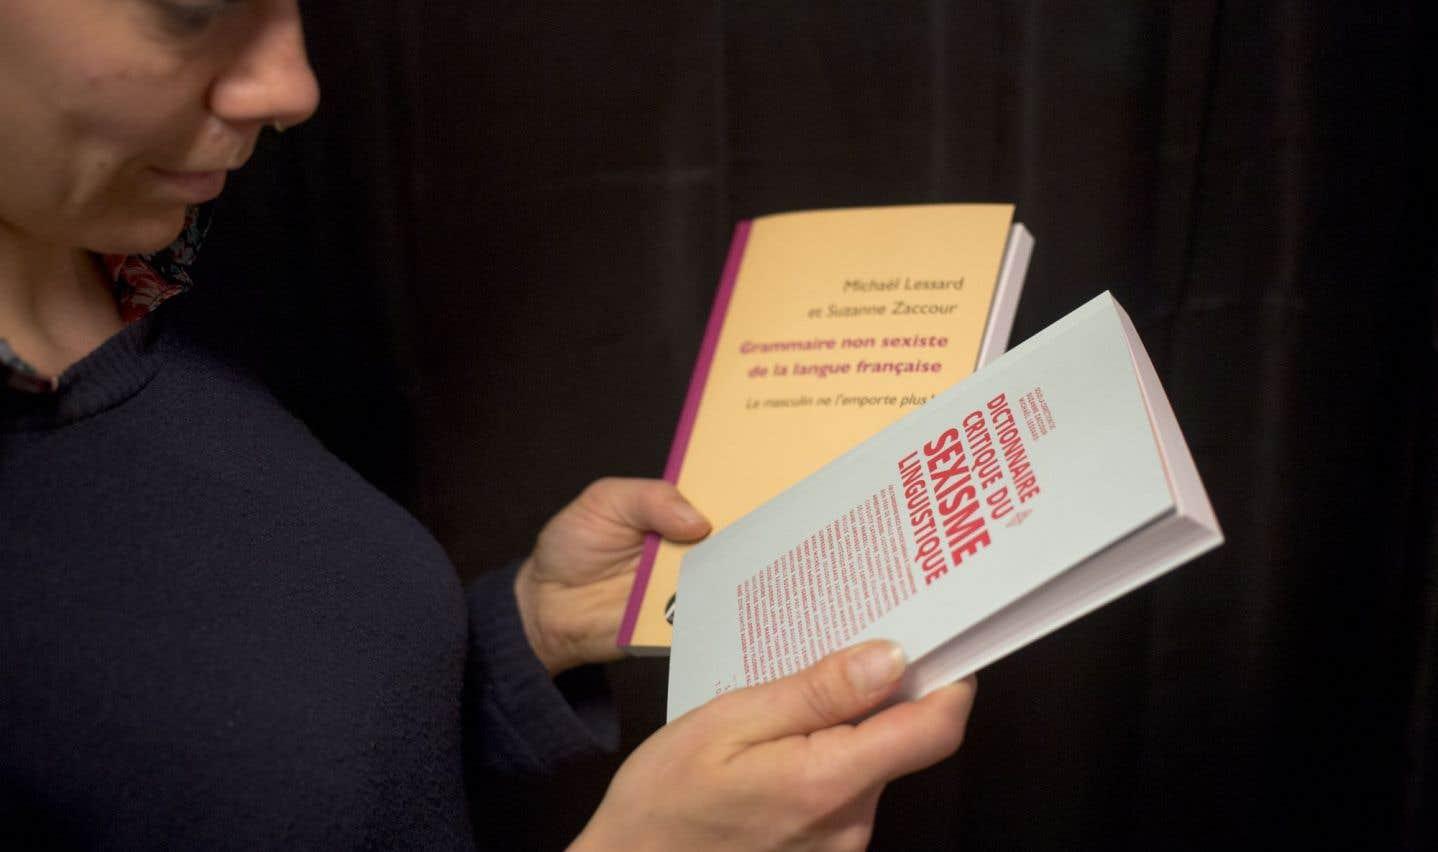 Le genre des mots et le sexe sont deux réalités fort différentes; le mot «personne» est là entre autres pour l'attester, estime l'auteur.